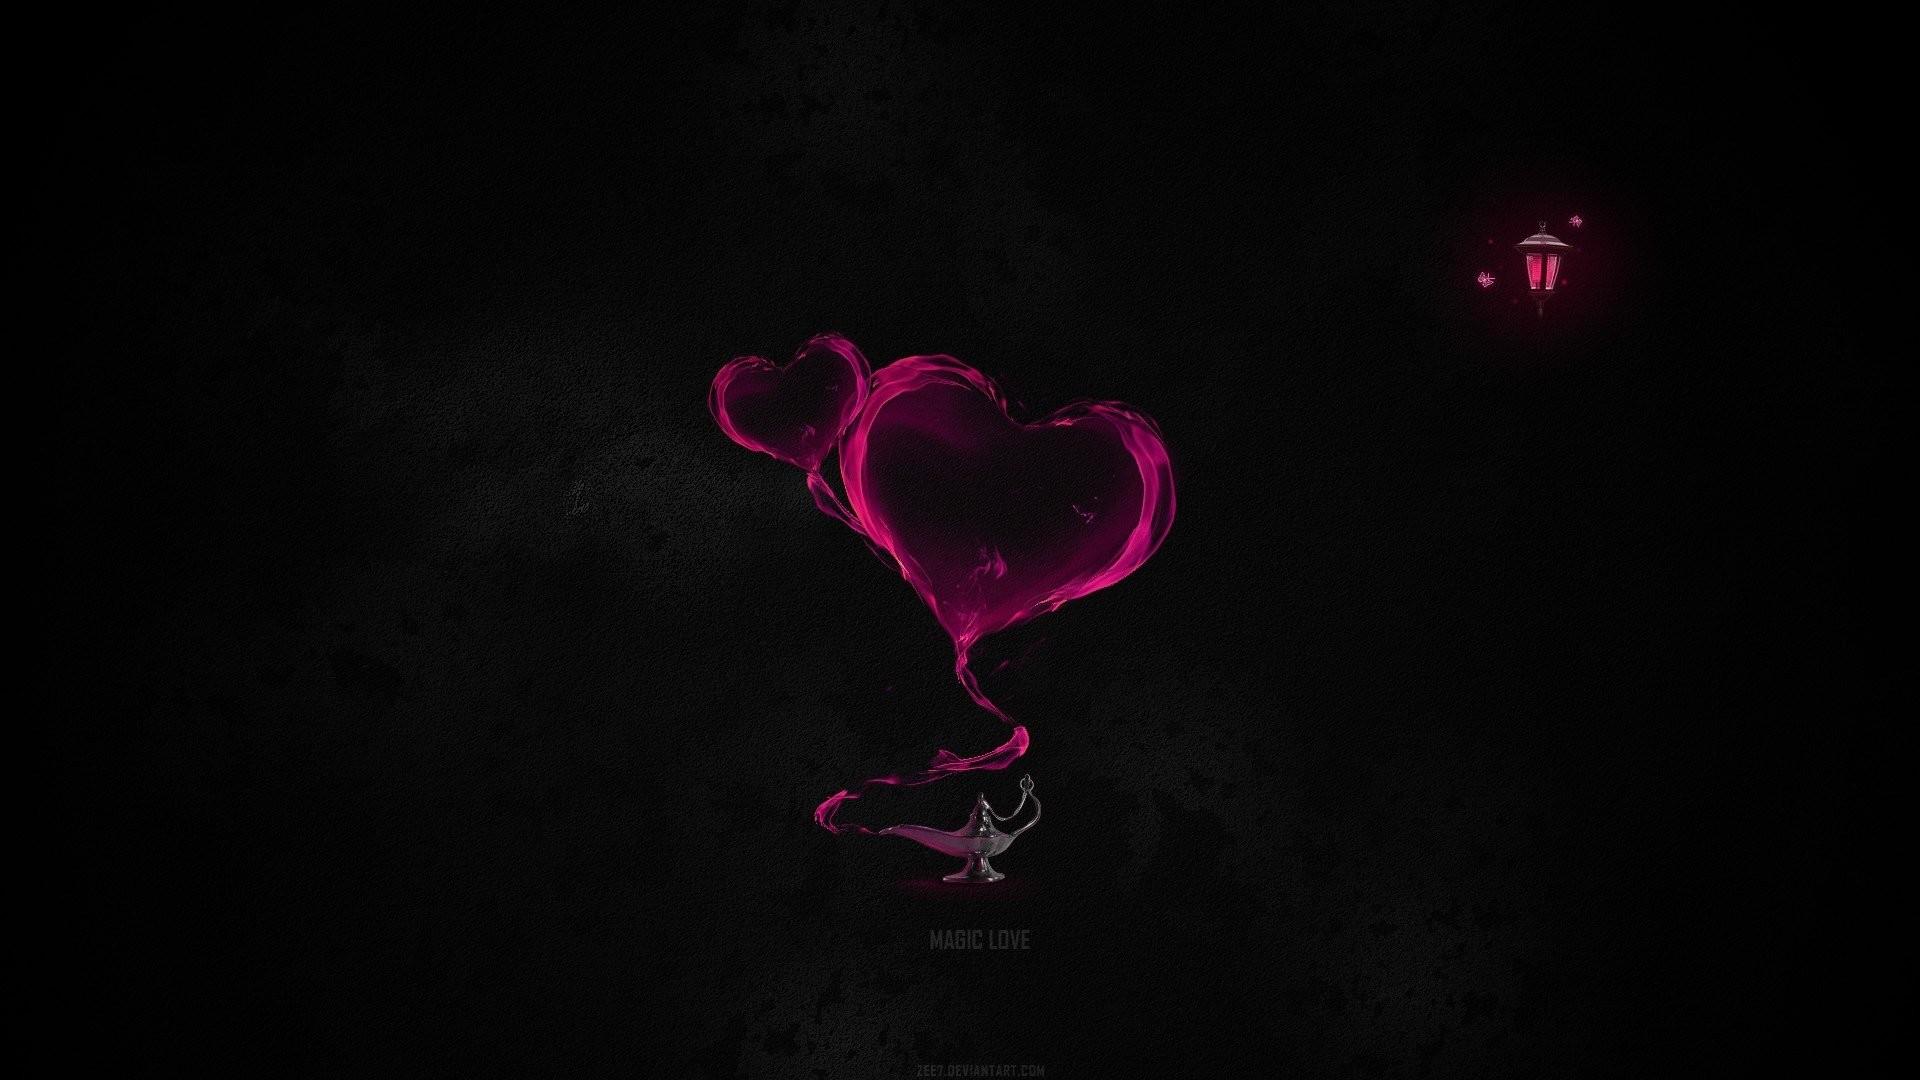 Pink And Black Backgrounds For Desktop Wallpaper